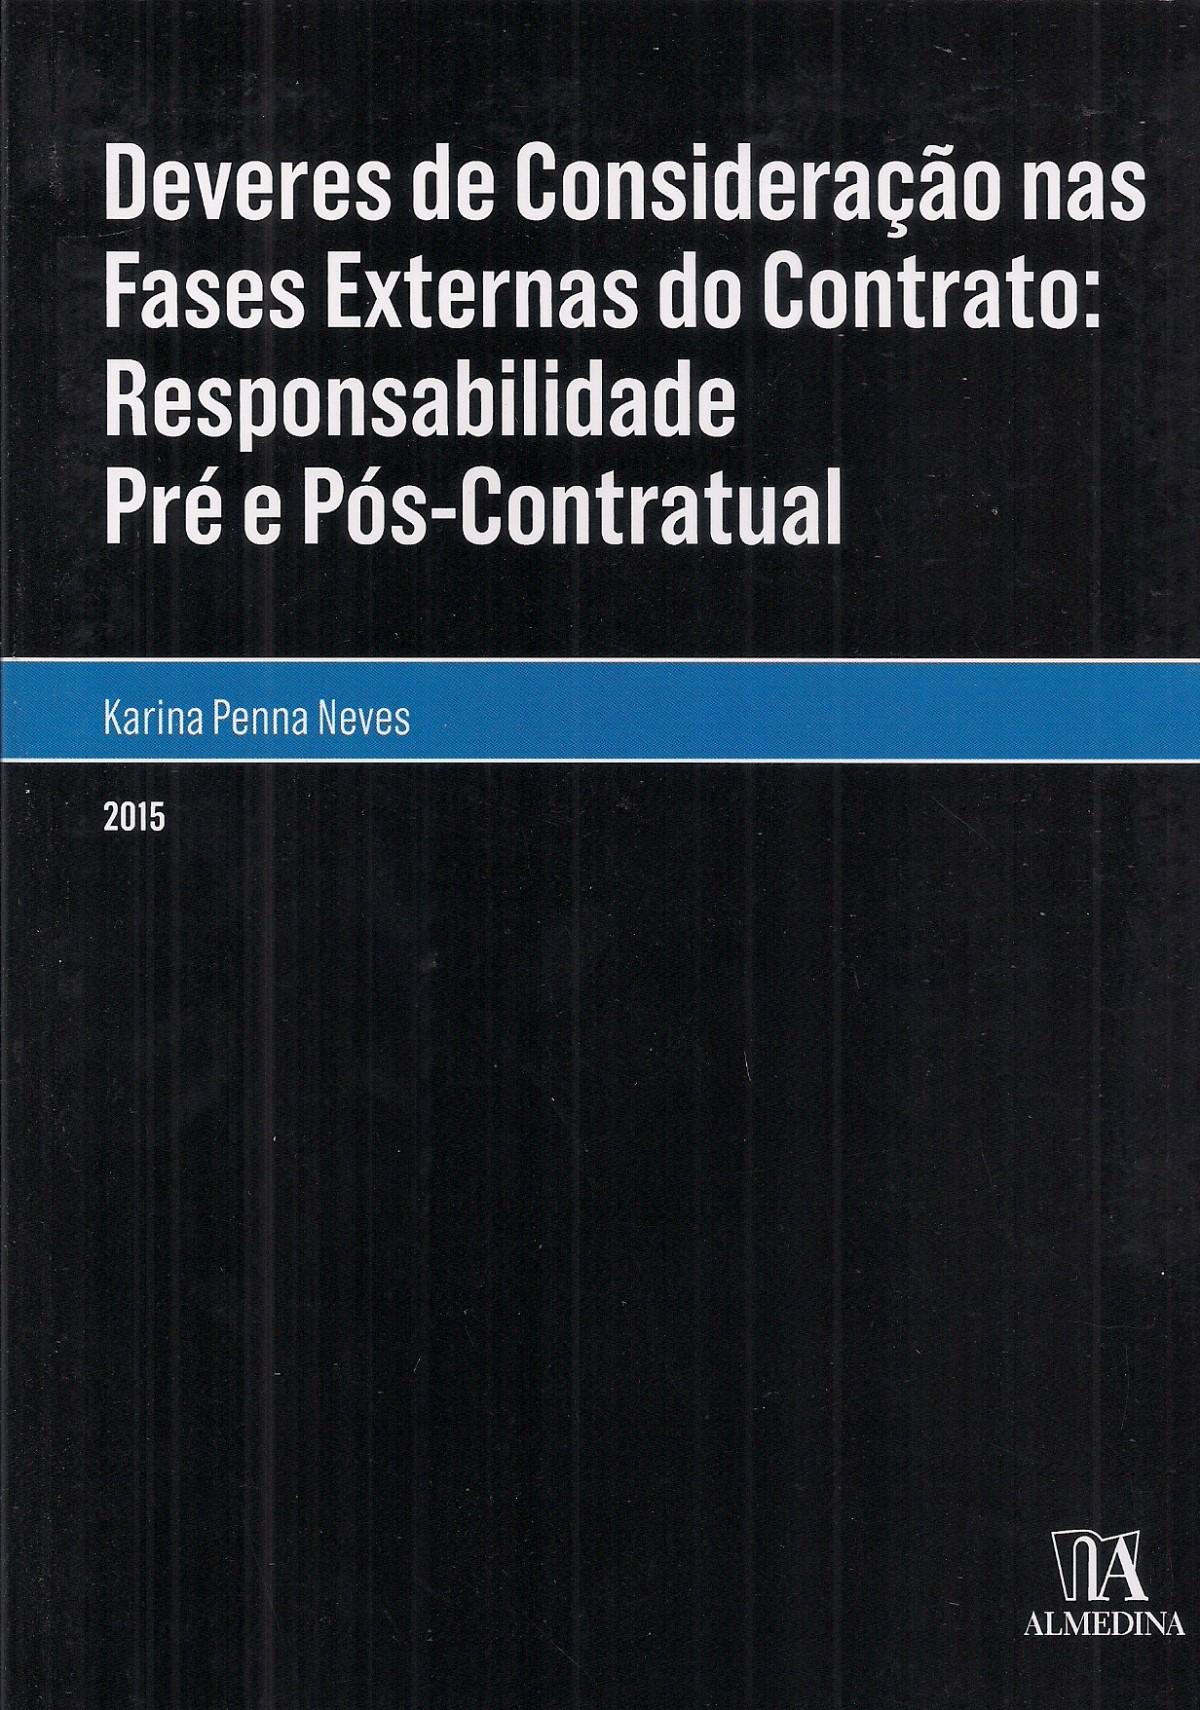 Foto 1 - Deveres de Consideração nas Fases externas do Contrato: Responsabilidade pré e pós-contratual